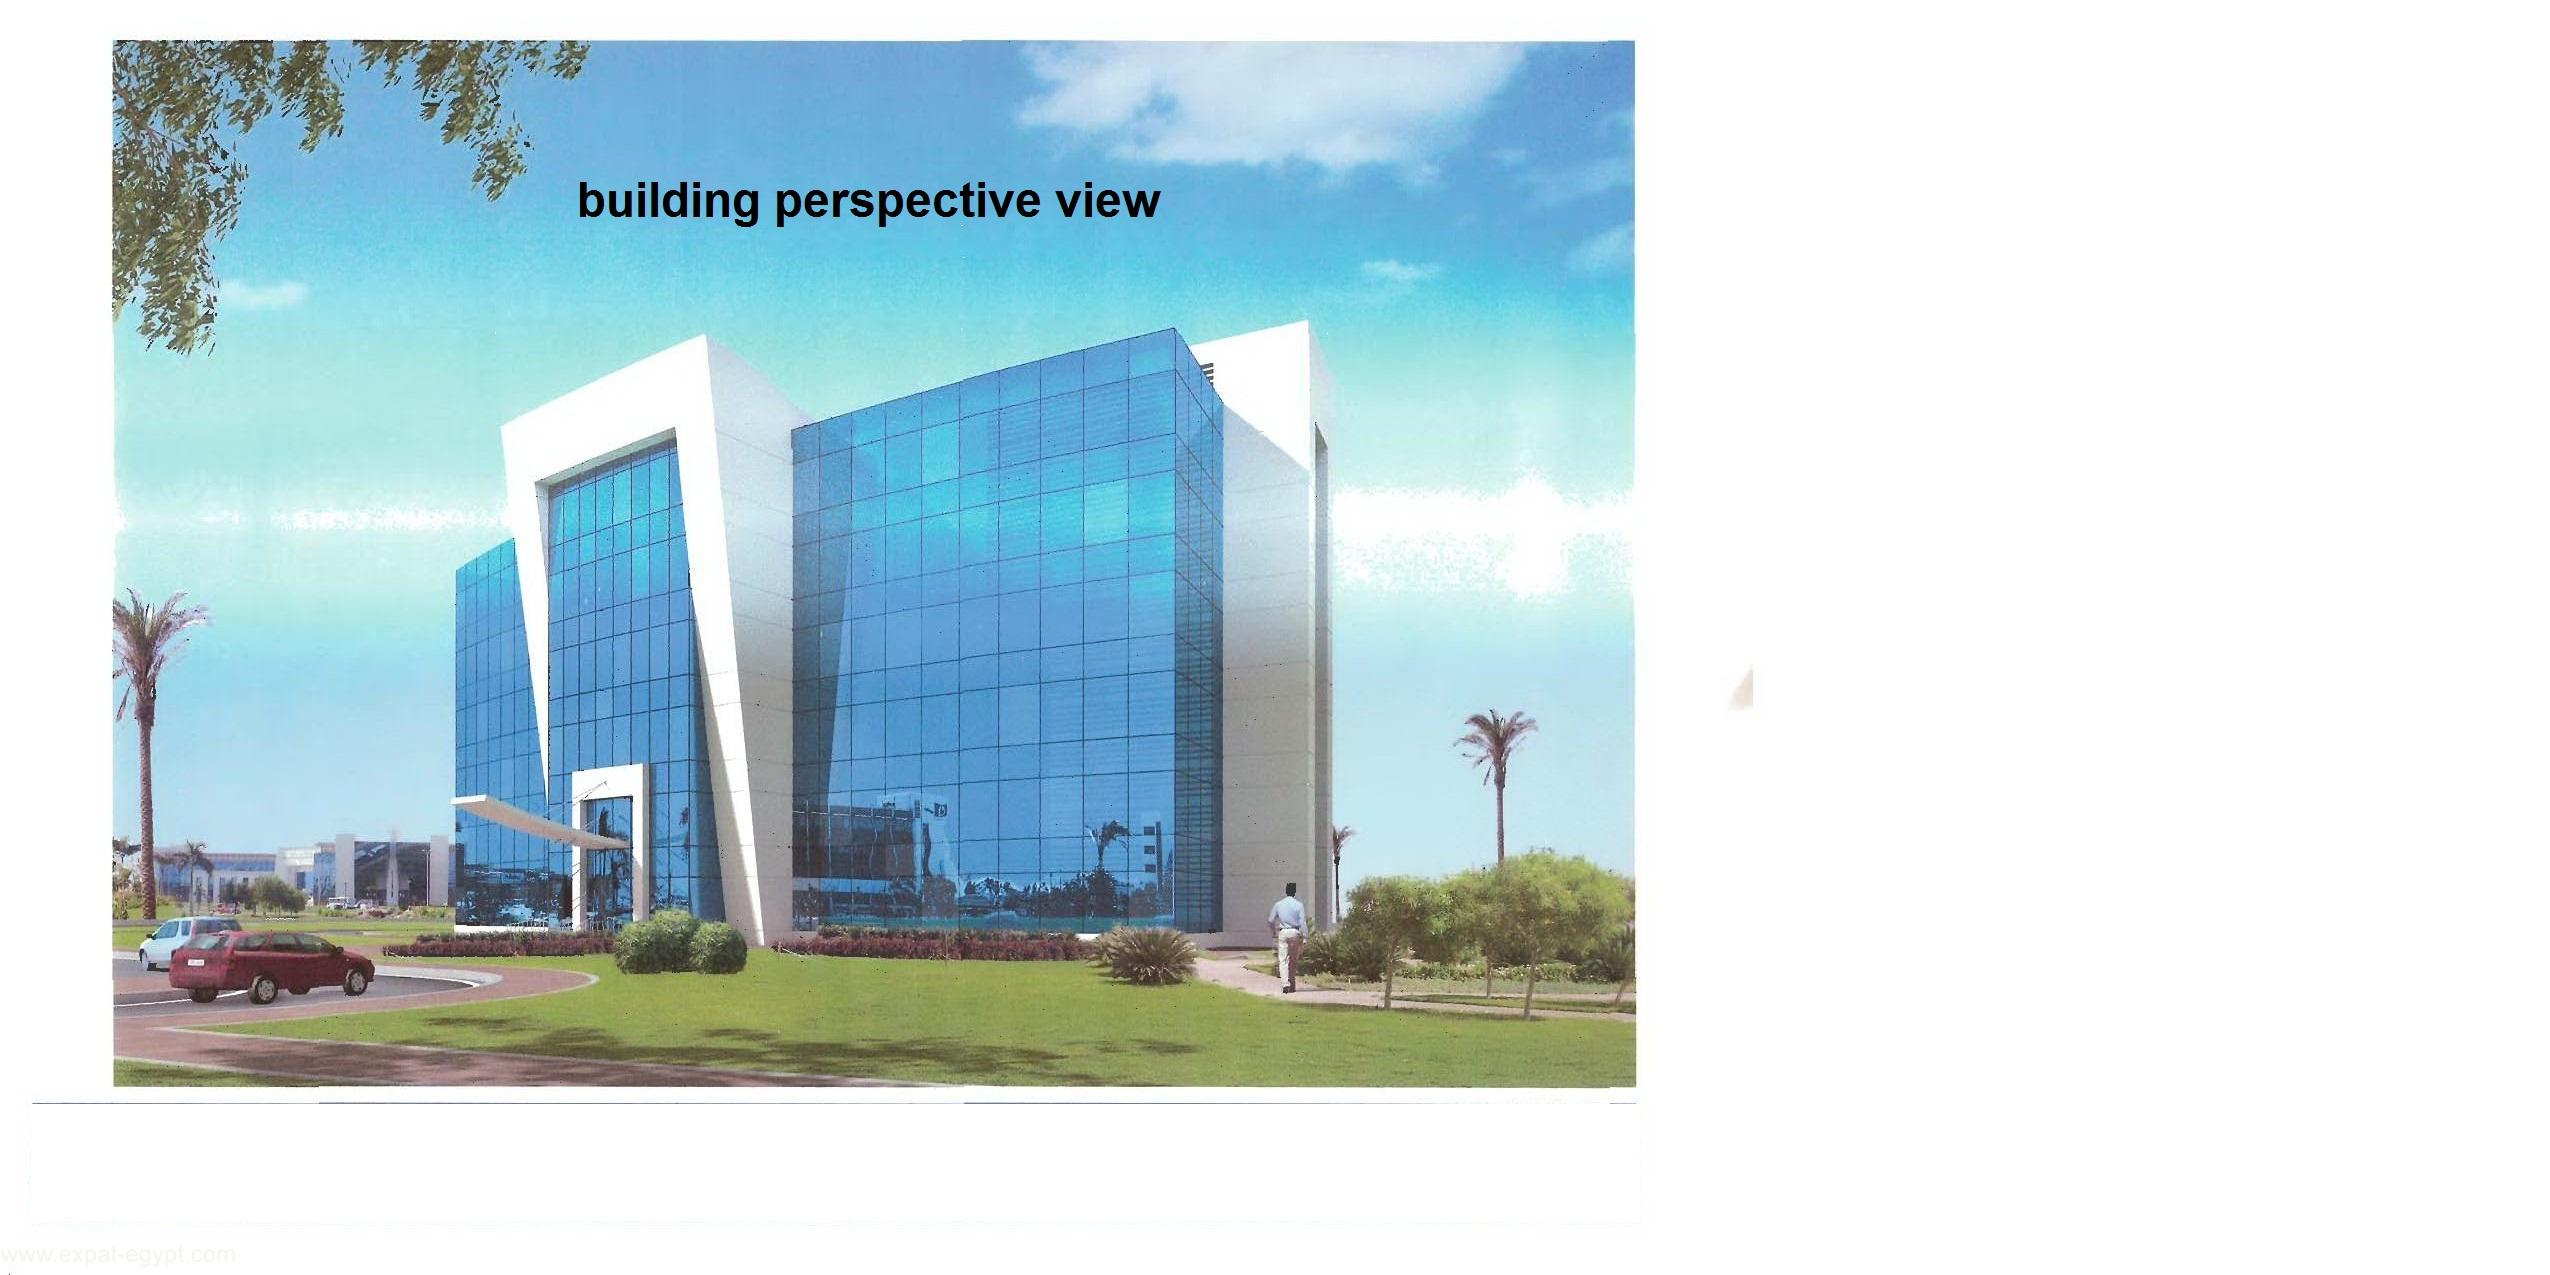 عقار ستوك -  مبنى أدارى للبيع بالقرية الذكية